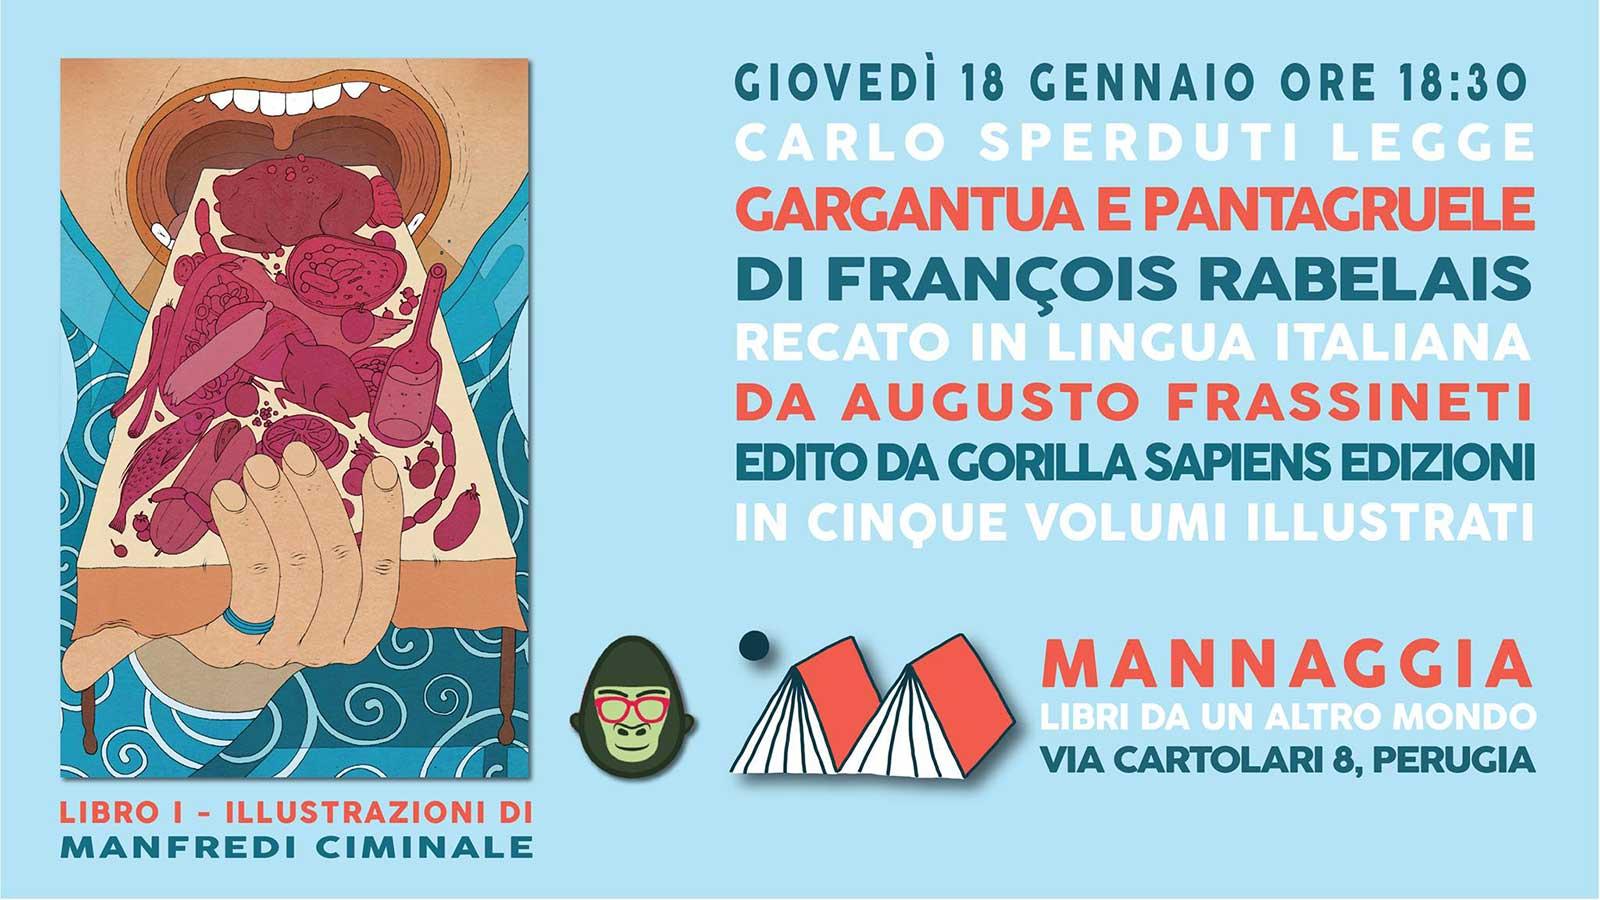 """Carlo Sperduti legge """"Gargantua e Pantagruele"""" - Libro I"""